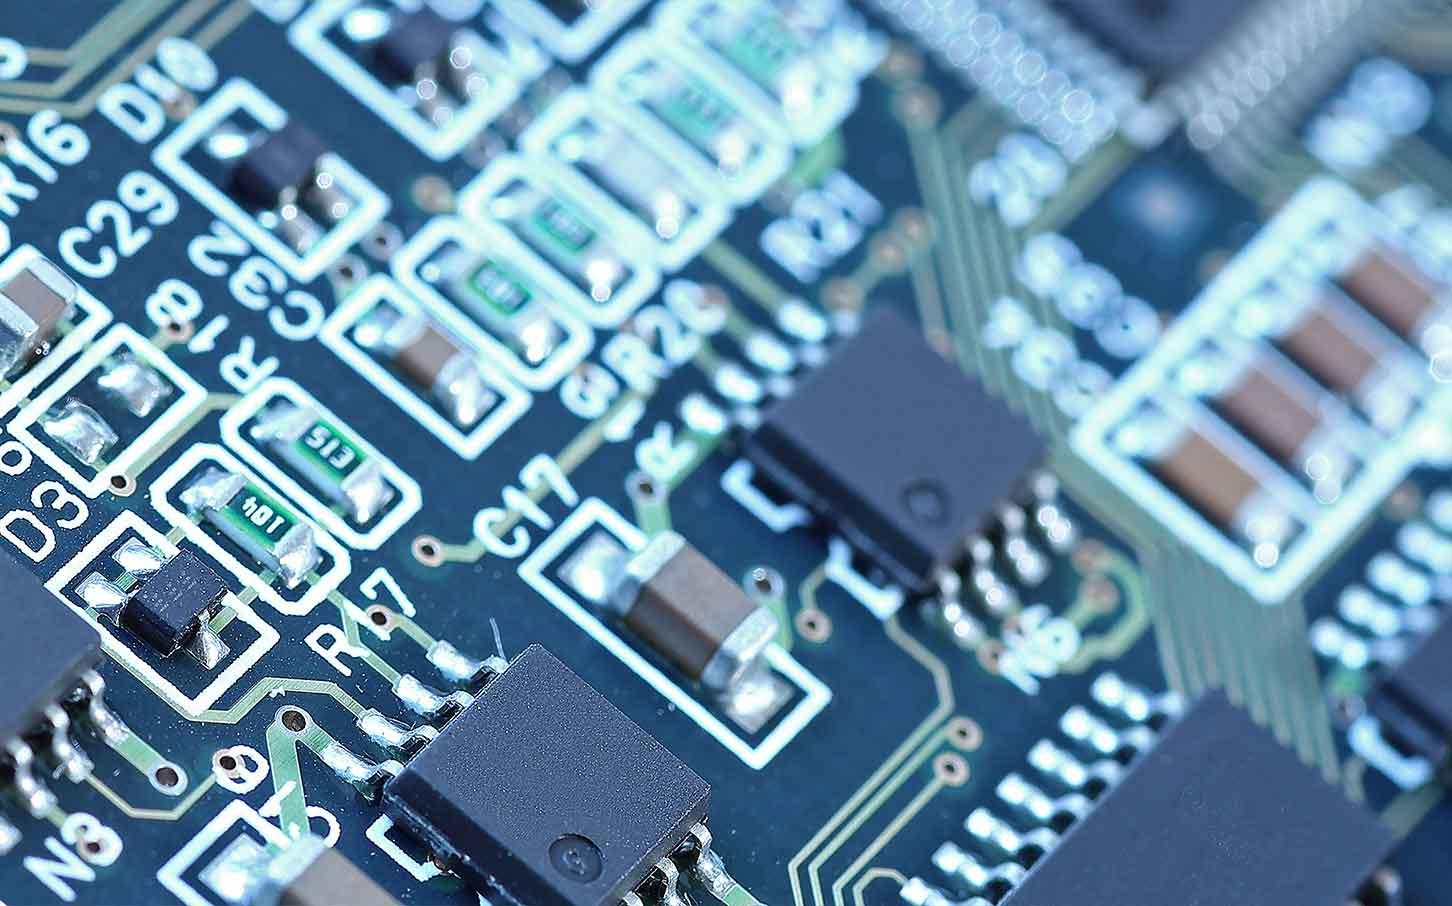 電子部品受託製造(EMS)